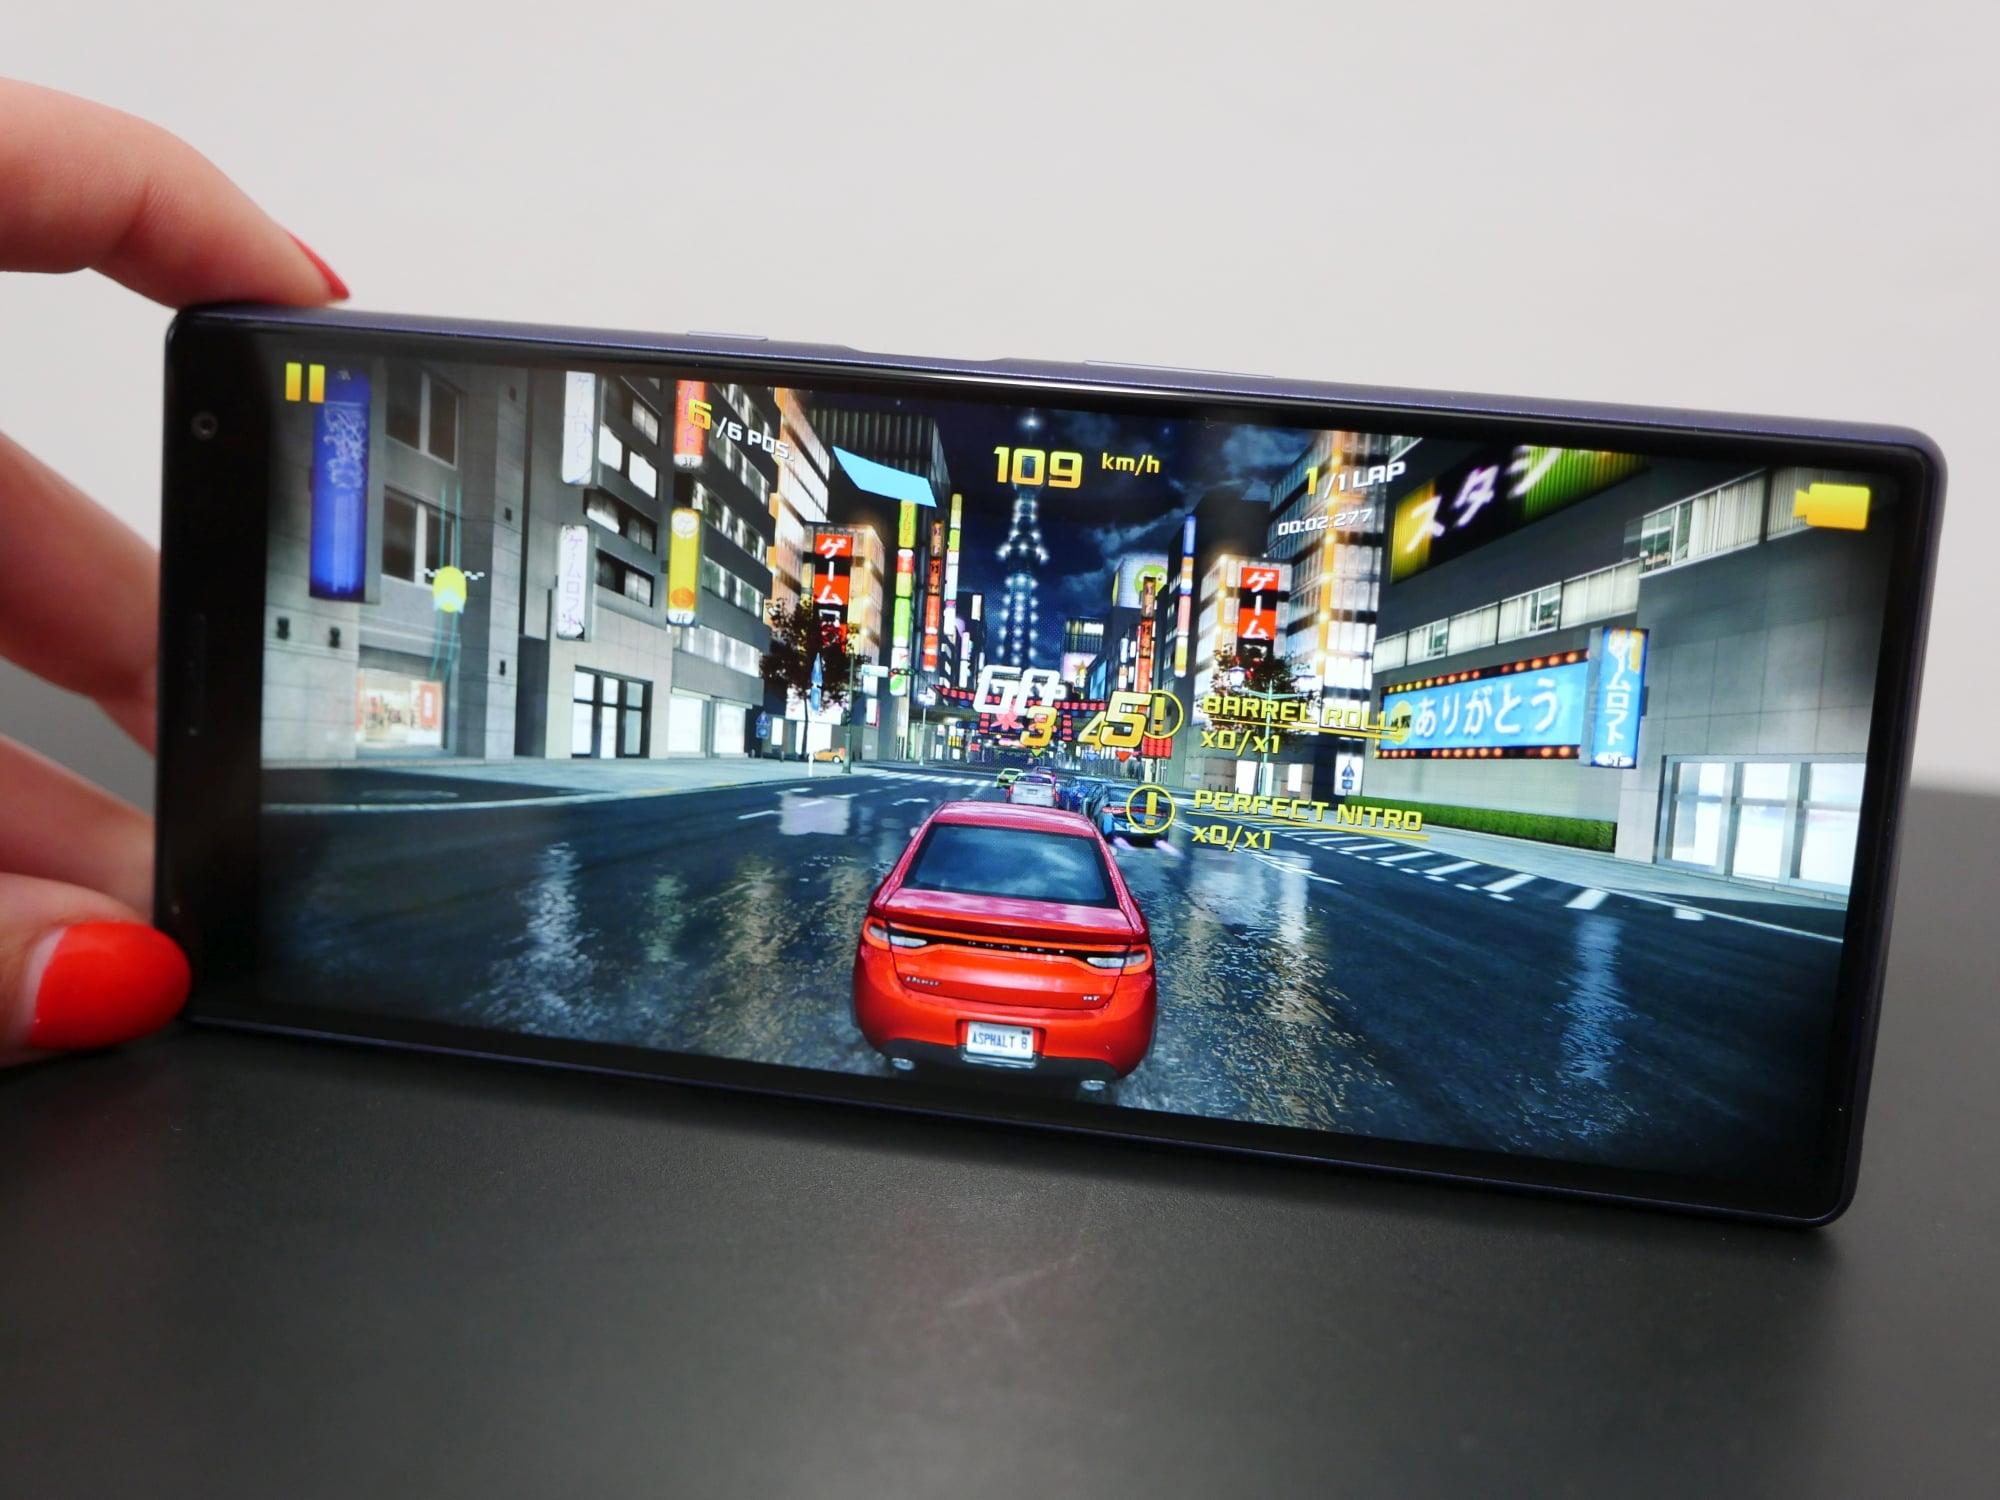 Sony Xperia 10 Plus - intrygujący i ciekawy smartfon z ekranem 21:9 dla pożeraczy multimediów (recenzja) 26